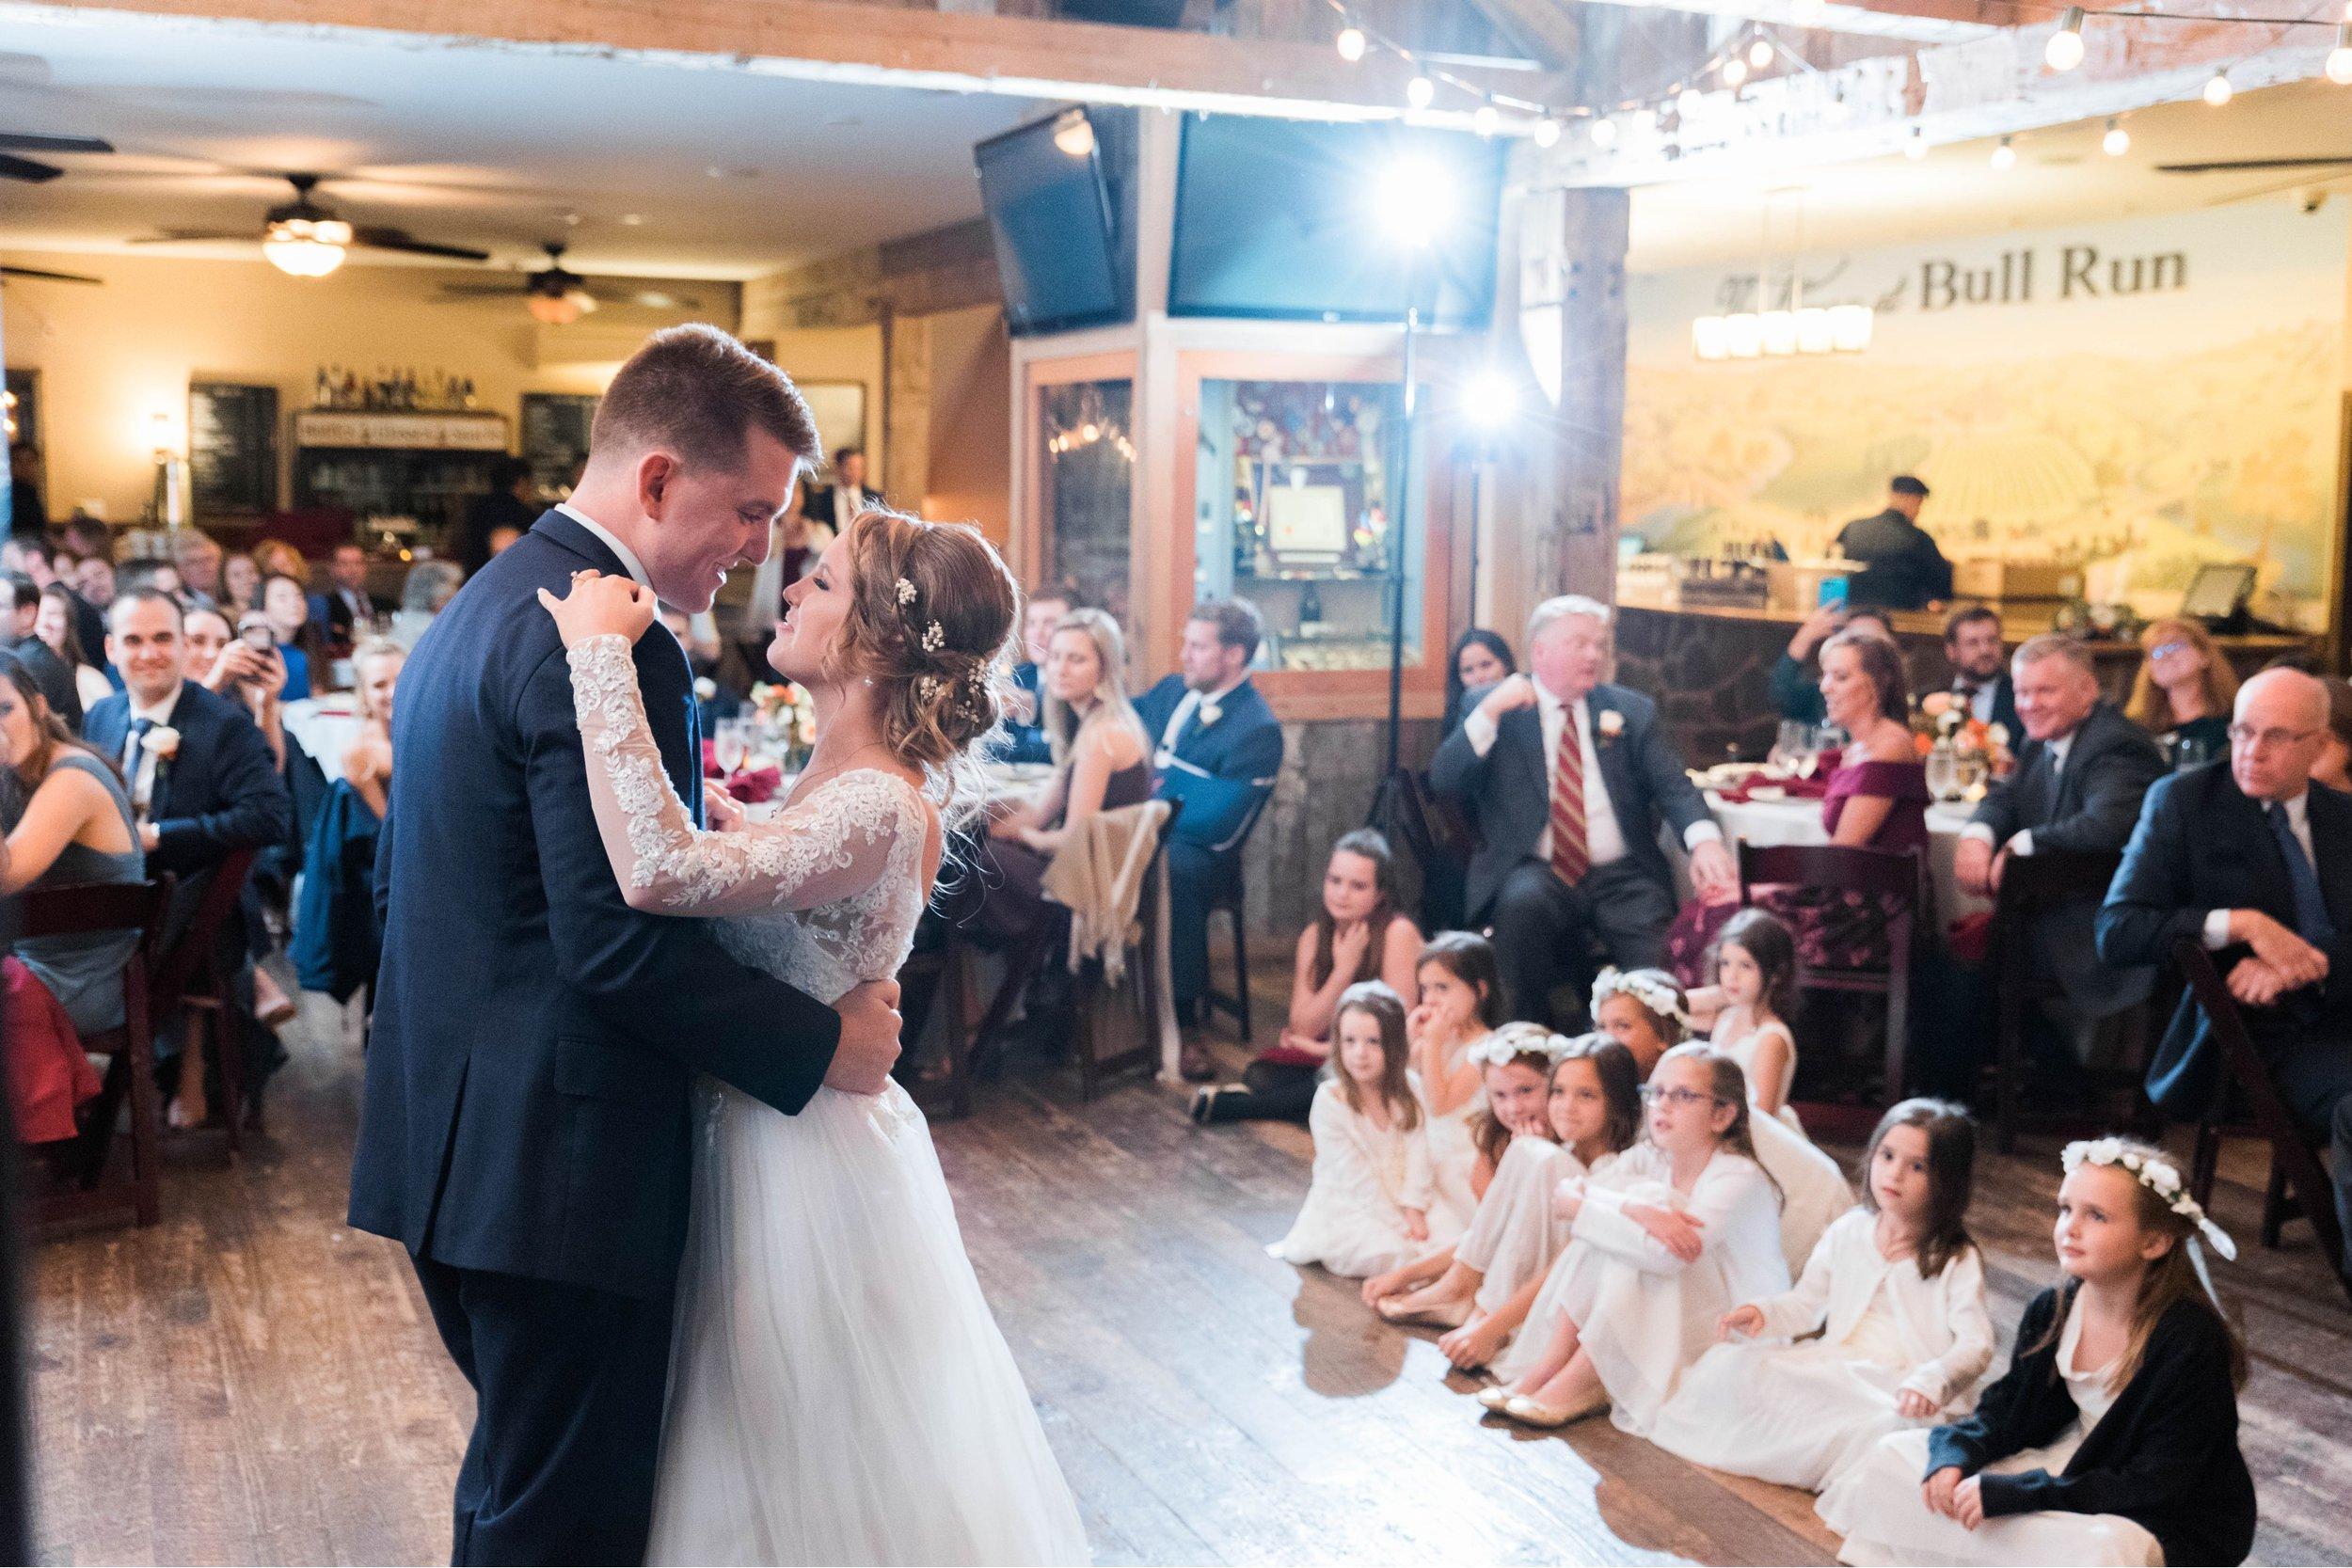 GrantElizabeth_wineryatbullrun_DCwedding_Virginiaweddingphotographer 48.jpg